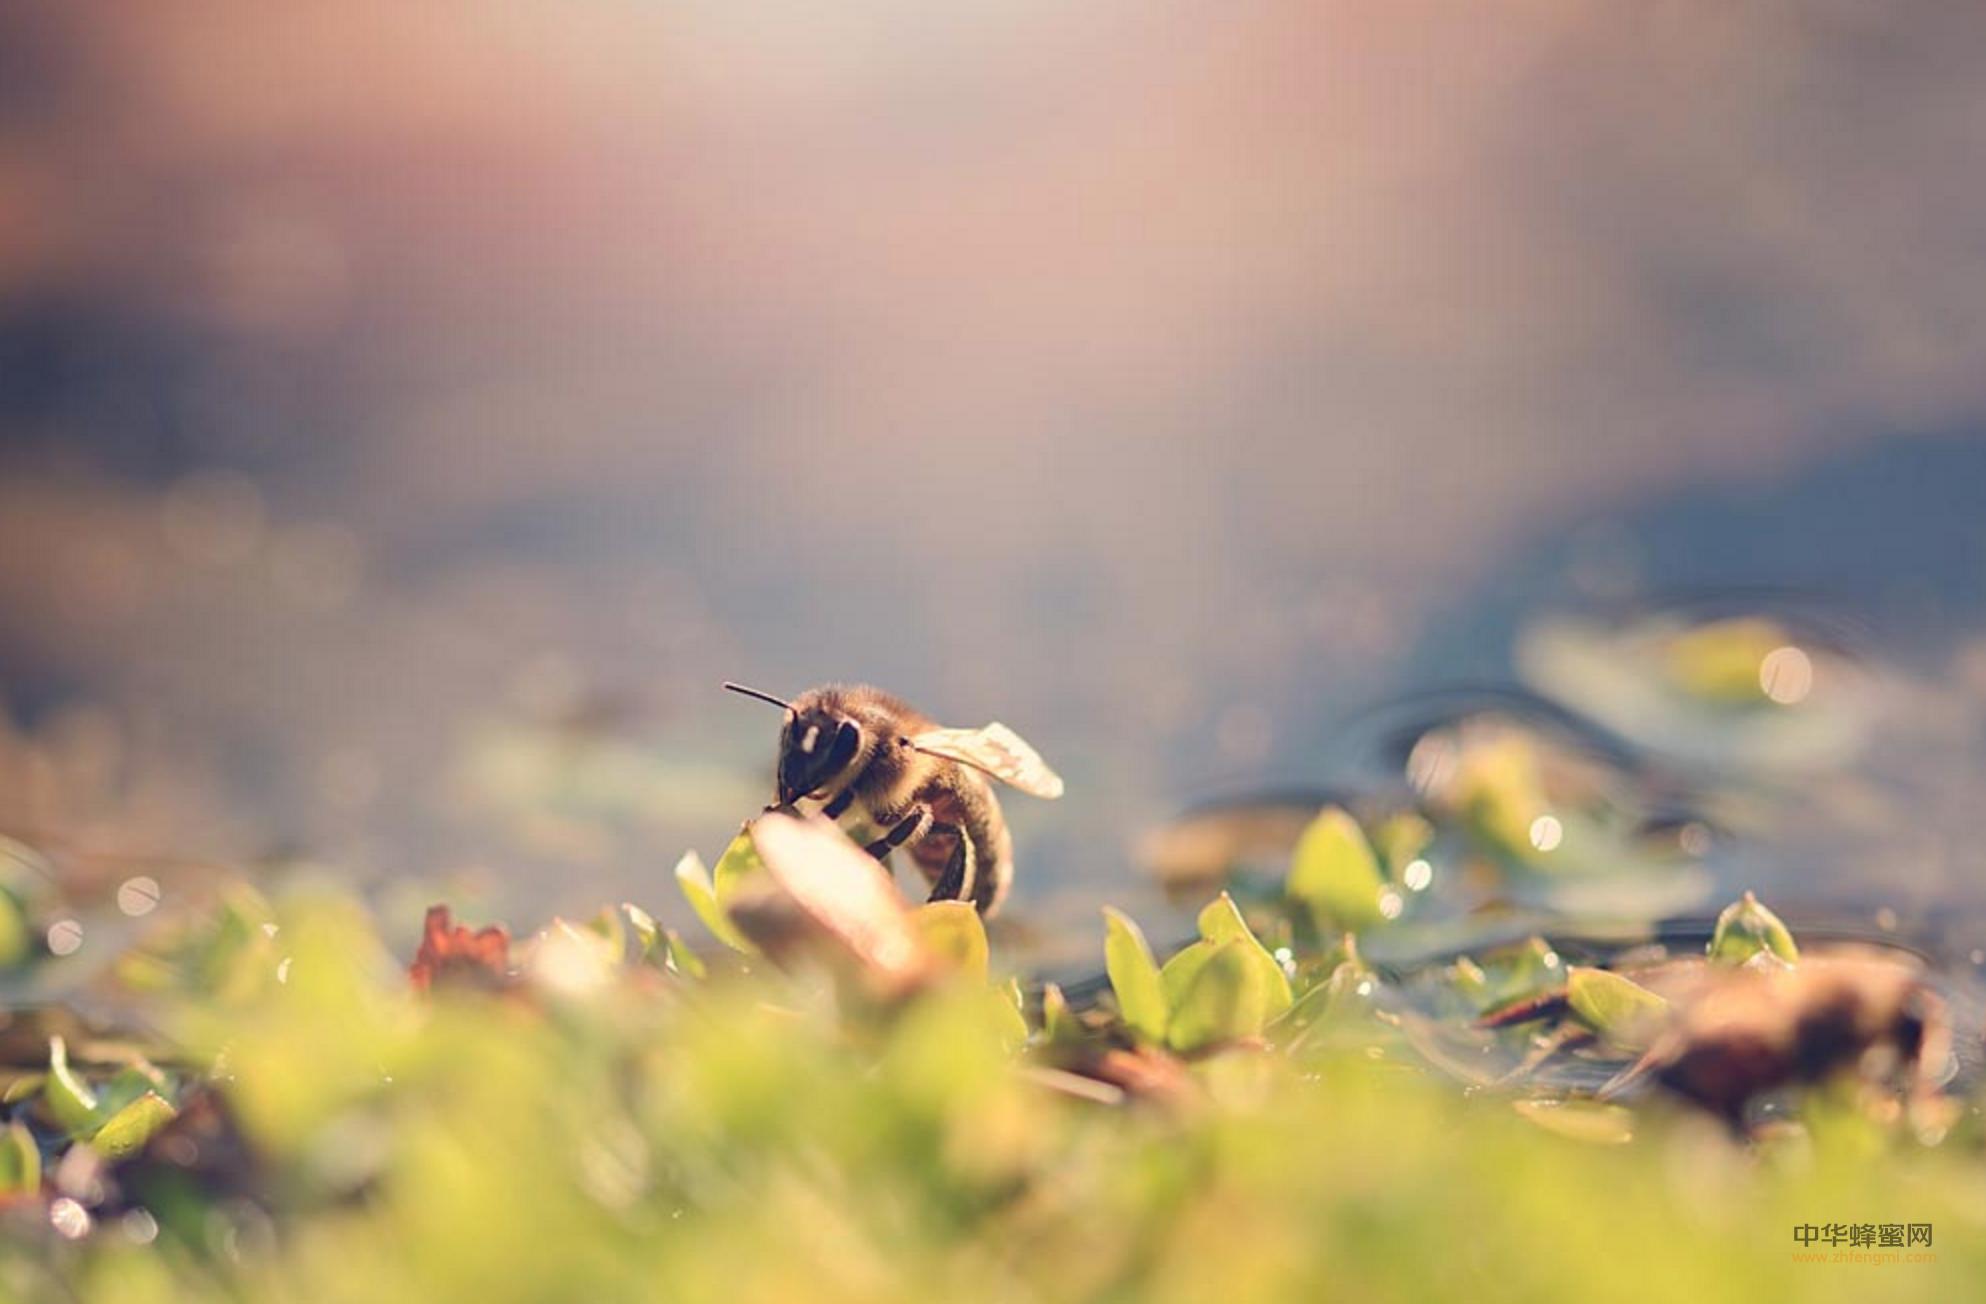 养蜂人 陈秀英 蜜蜂养殖 养蜂技术 蜂疗 蜂产品 蜂农 养蜂科技